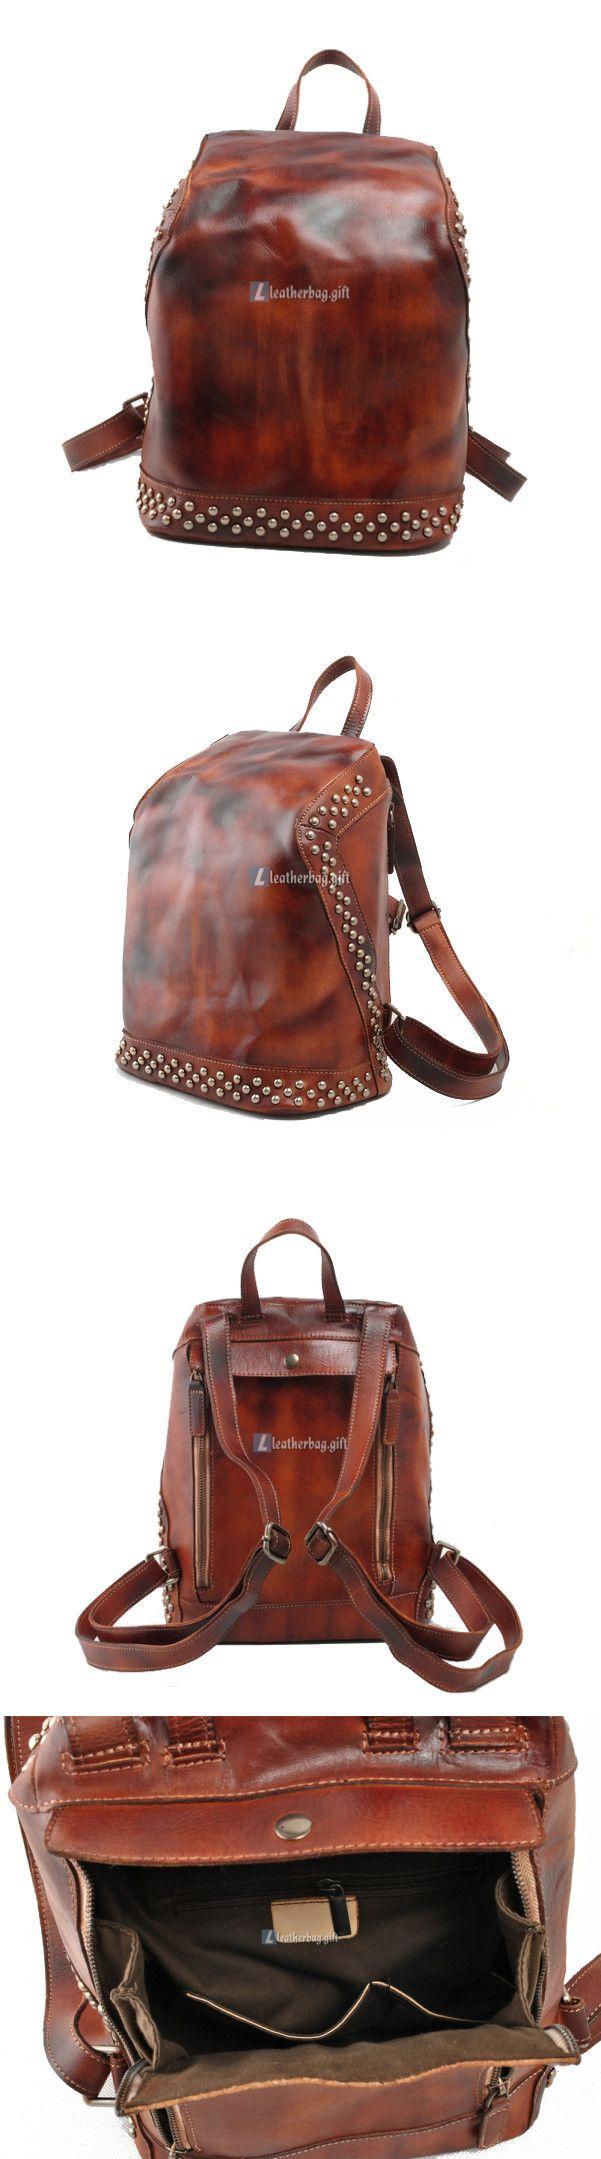 $176.56 Vintage Leather Backpack for Men Stylish Backpacks